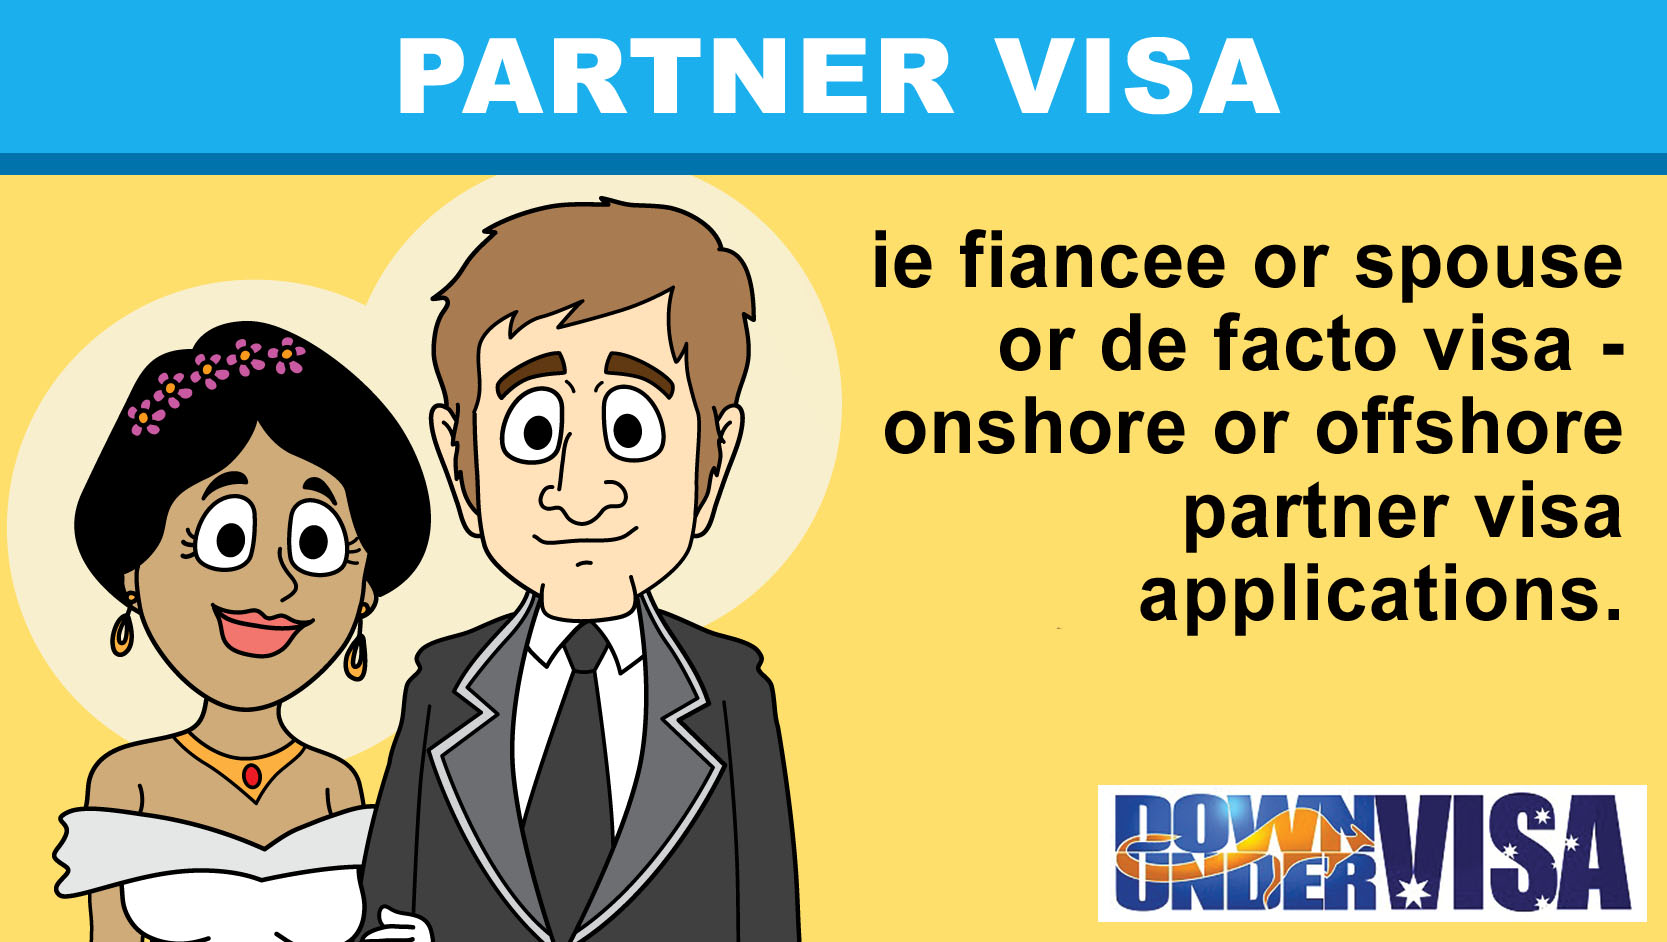 partner visa changes 17 april 2019